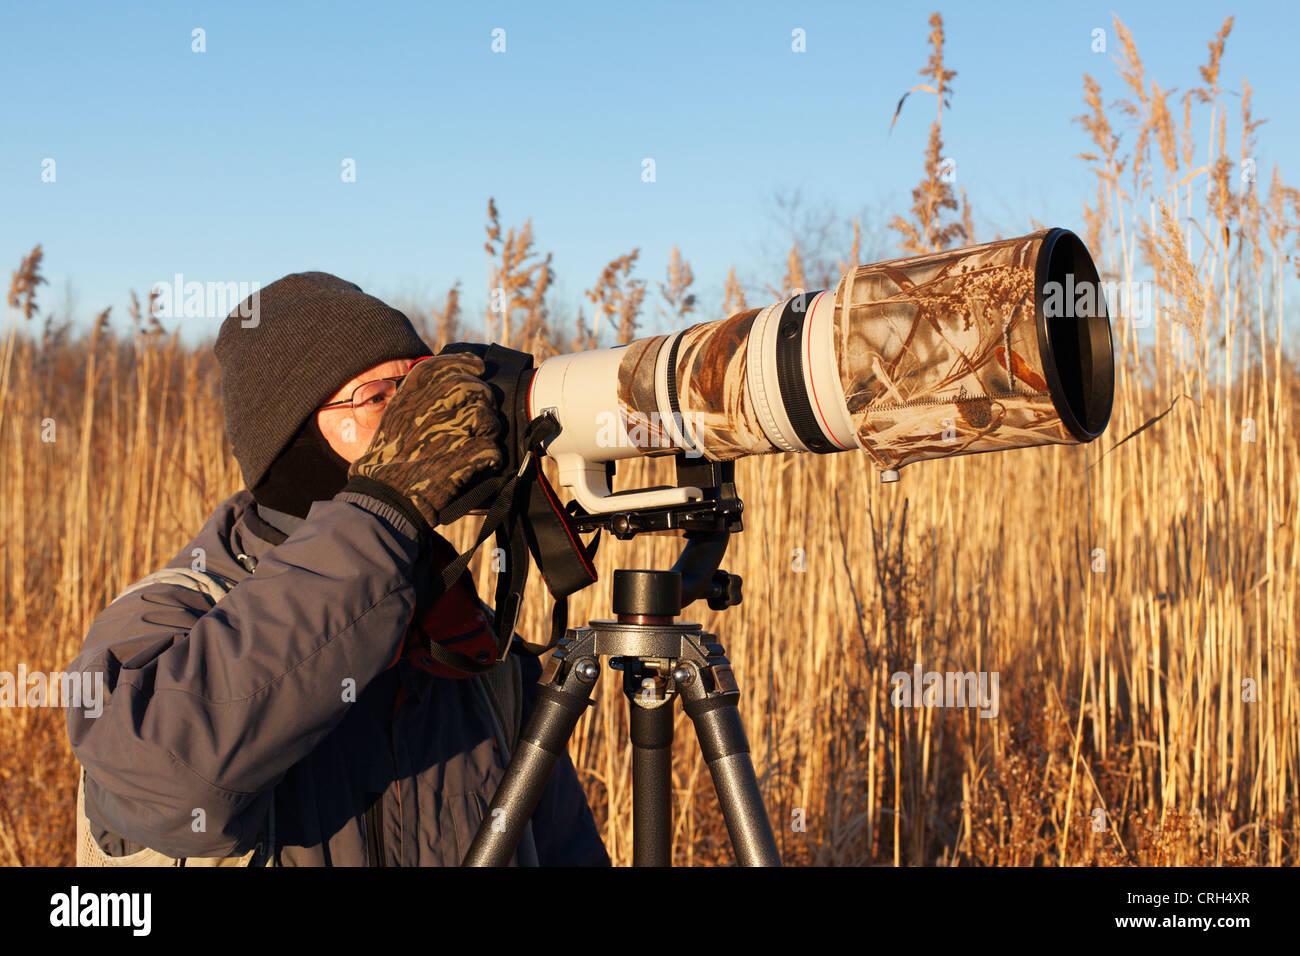 Un Wildlife fotografo di natura tiro con un super teleobiettivo. Immagini Stock